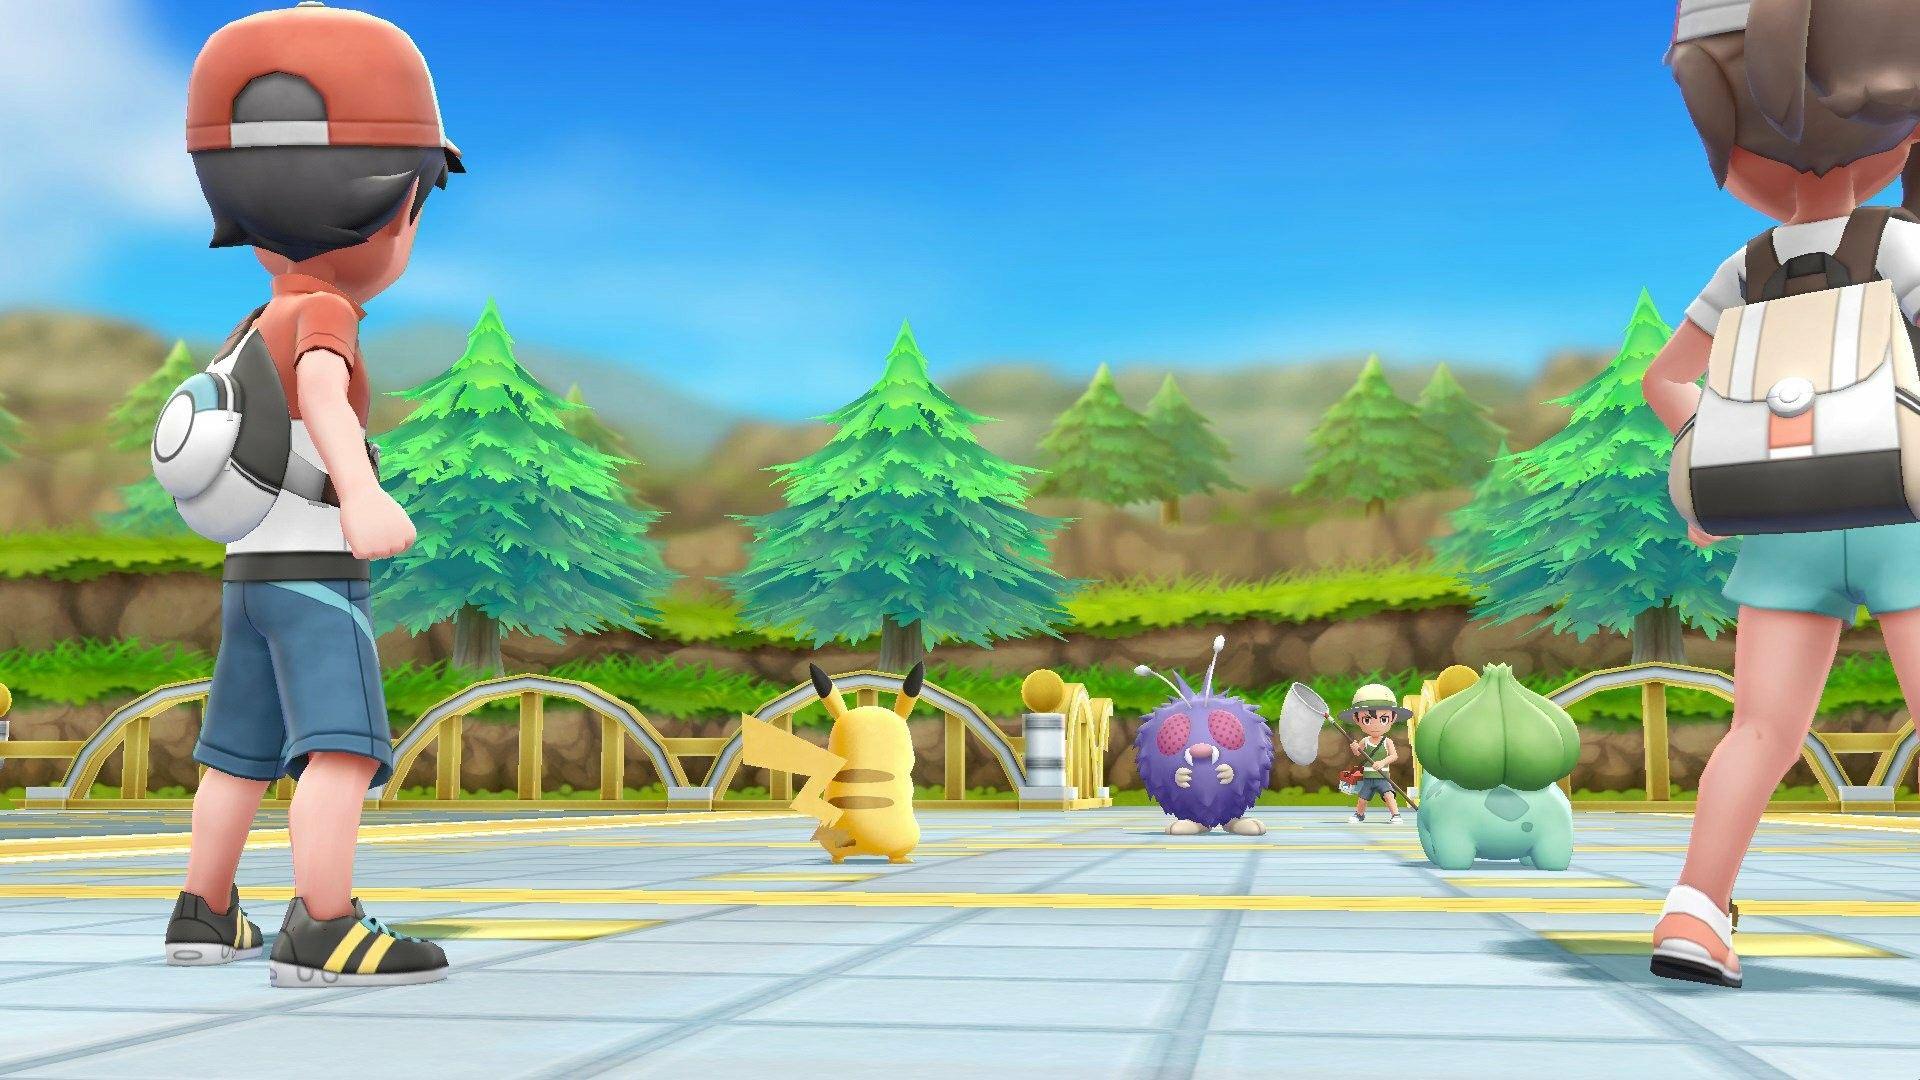 ab686f45794582d963cc03f1a3b1f5c0 - How To Get Ninetales In Pokemon Let S Go Pikachu